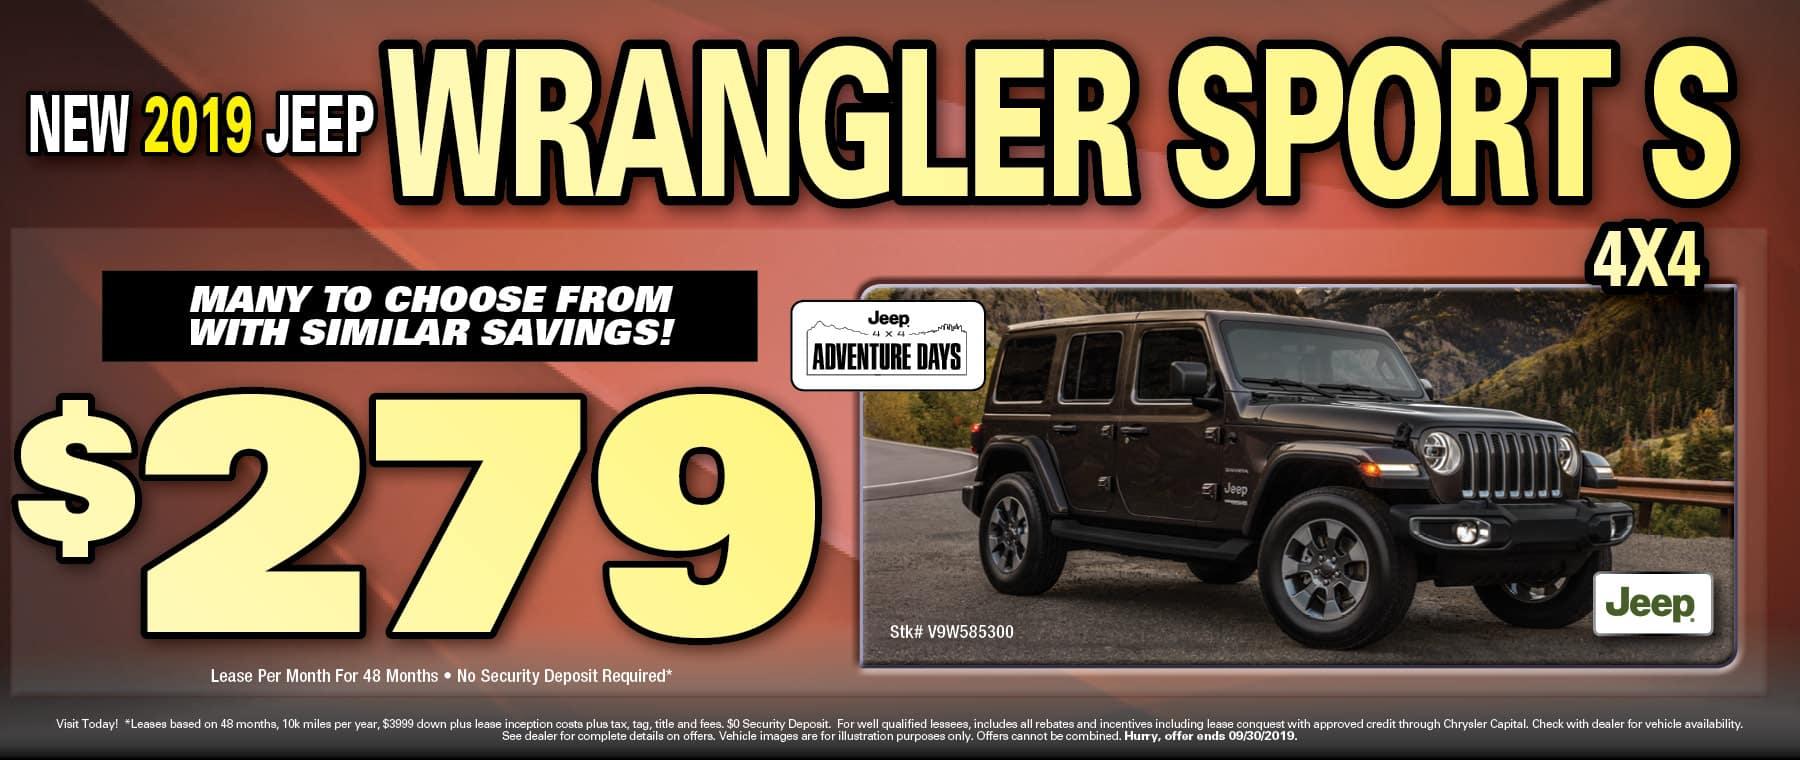 2019 Jeep Wrangler $279